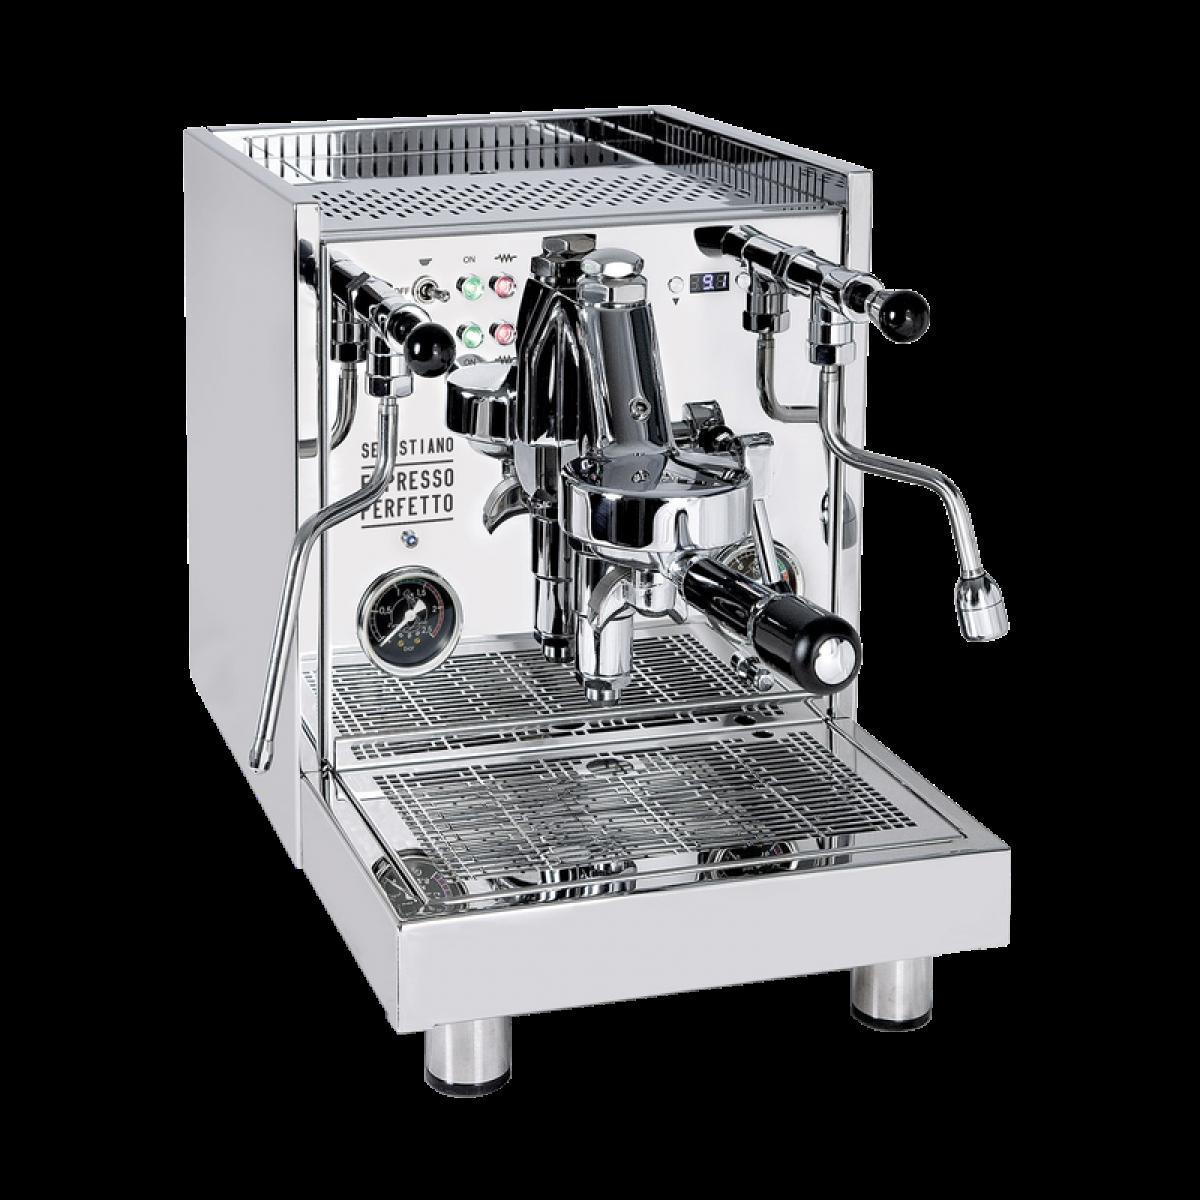 Quick Mill VETRANO 0995-EP Sebastiano Espressomaschine Sonderedition